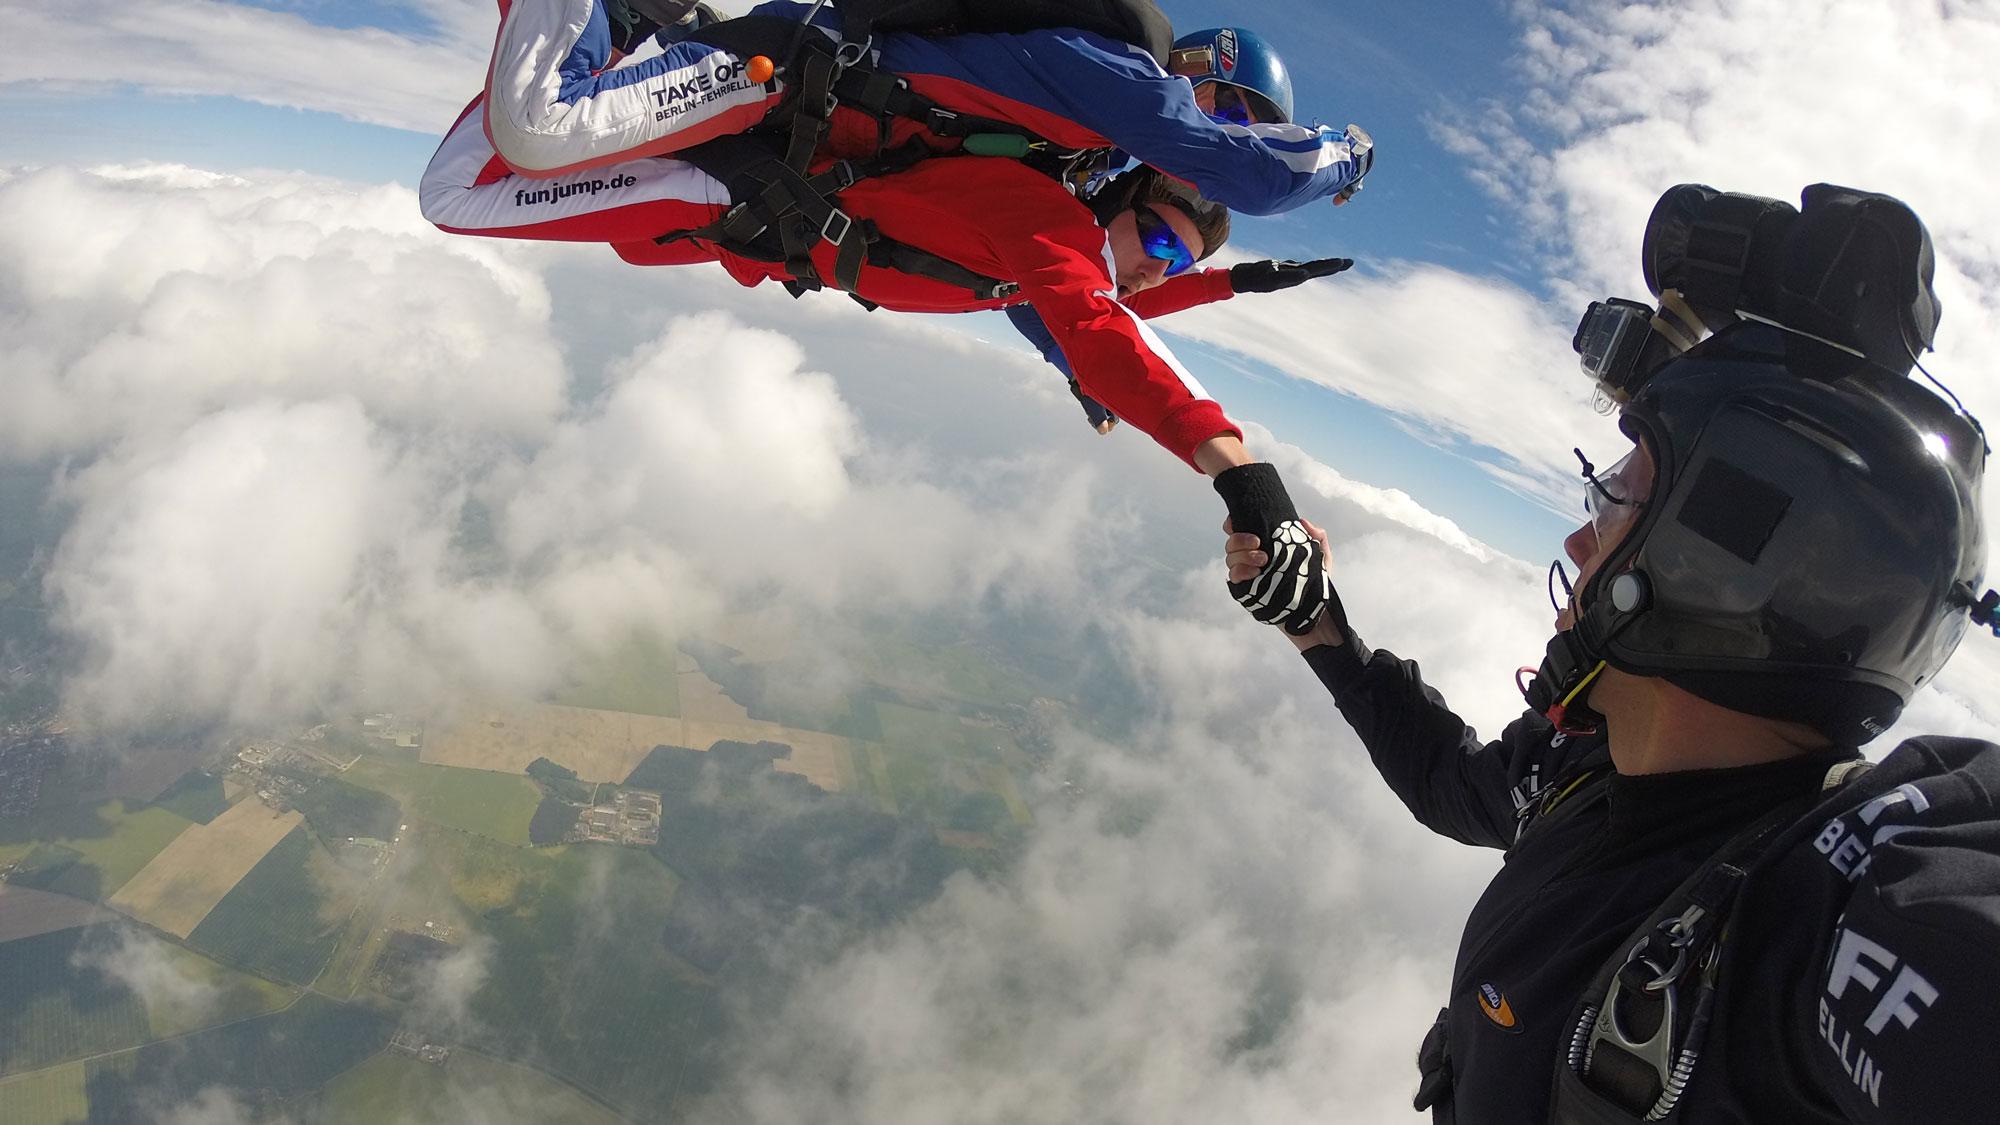 Take Off - Tandemspringer wird in der Luft von Kameramann gefilmt